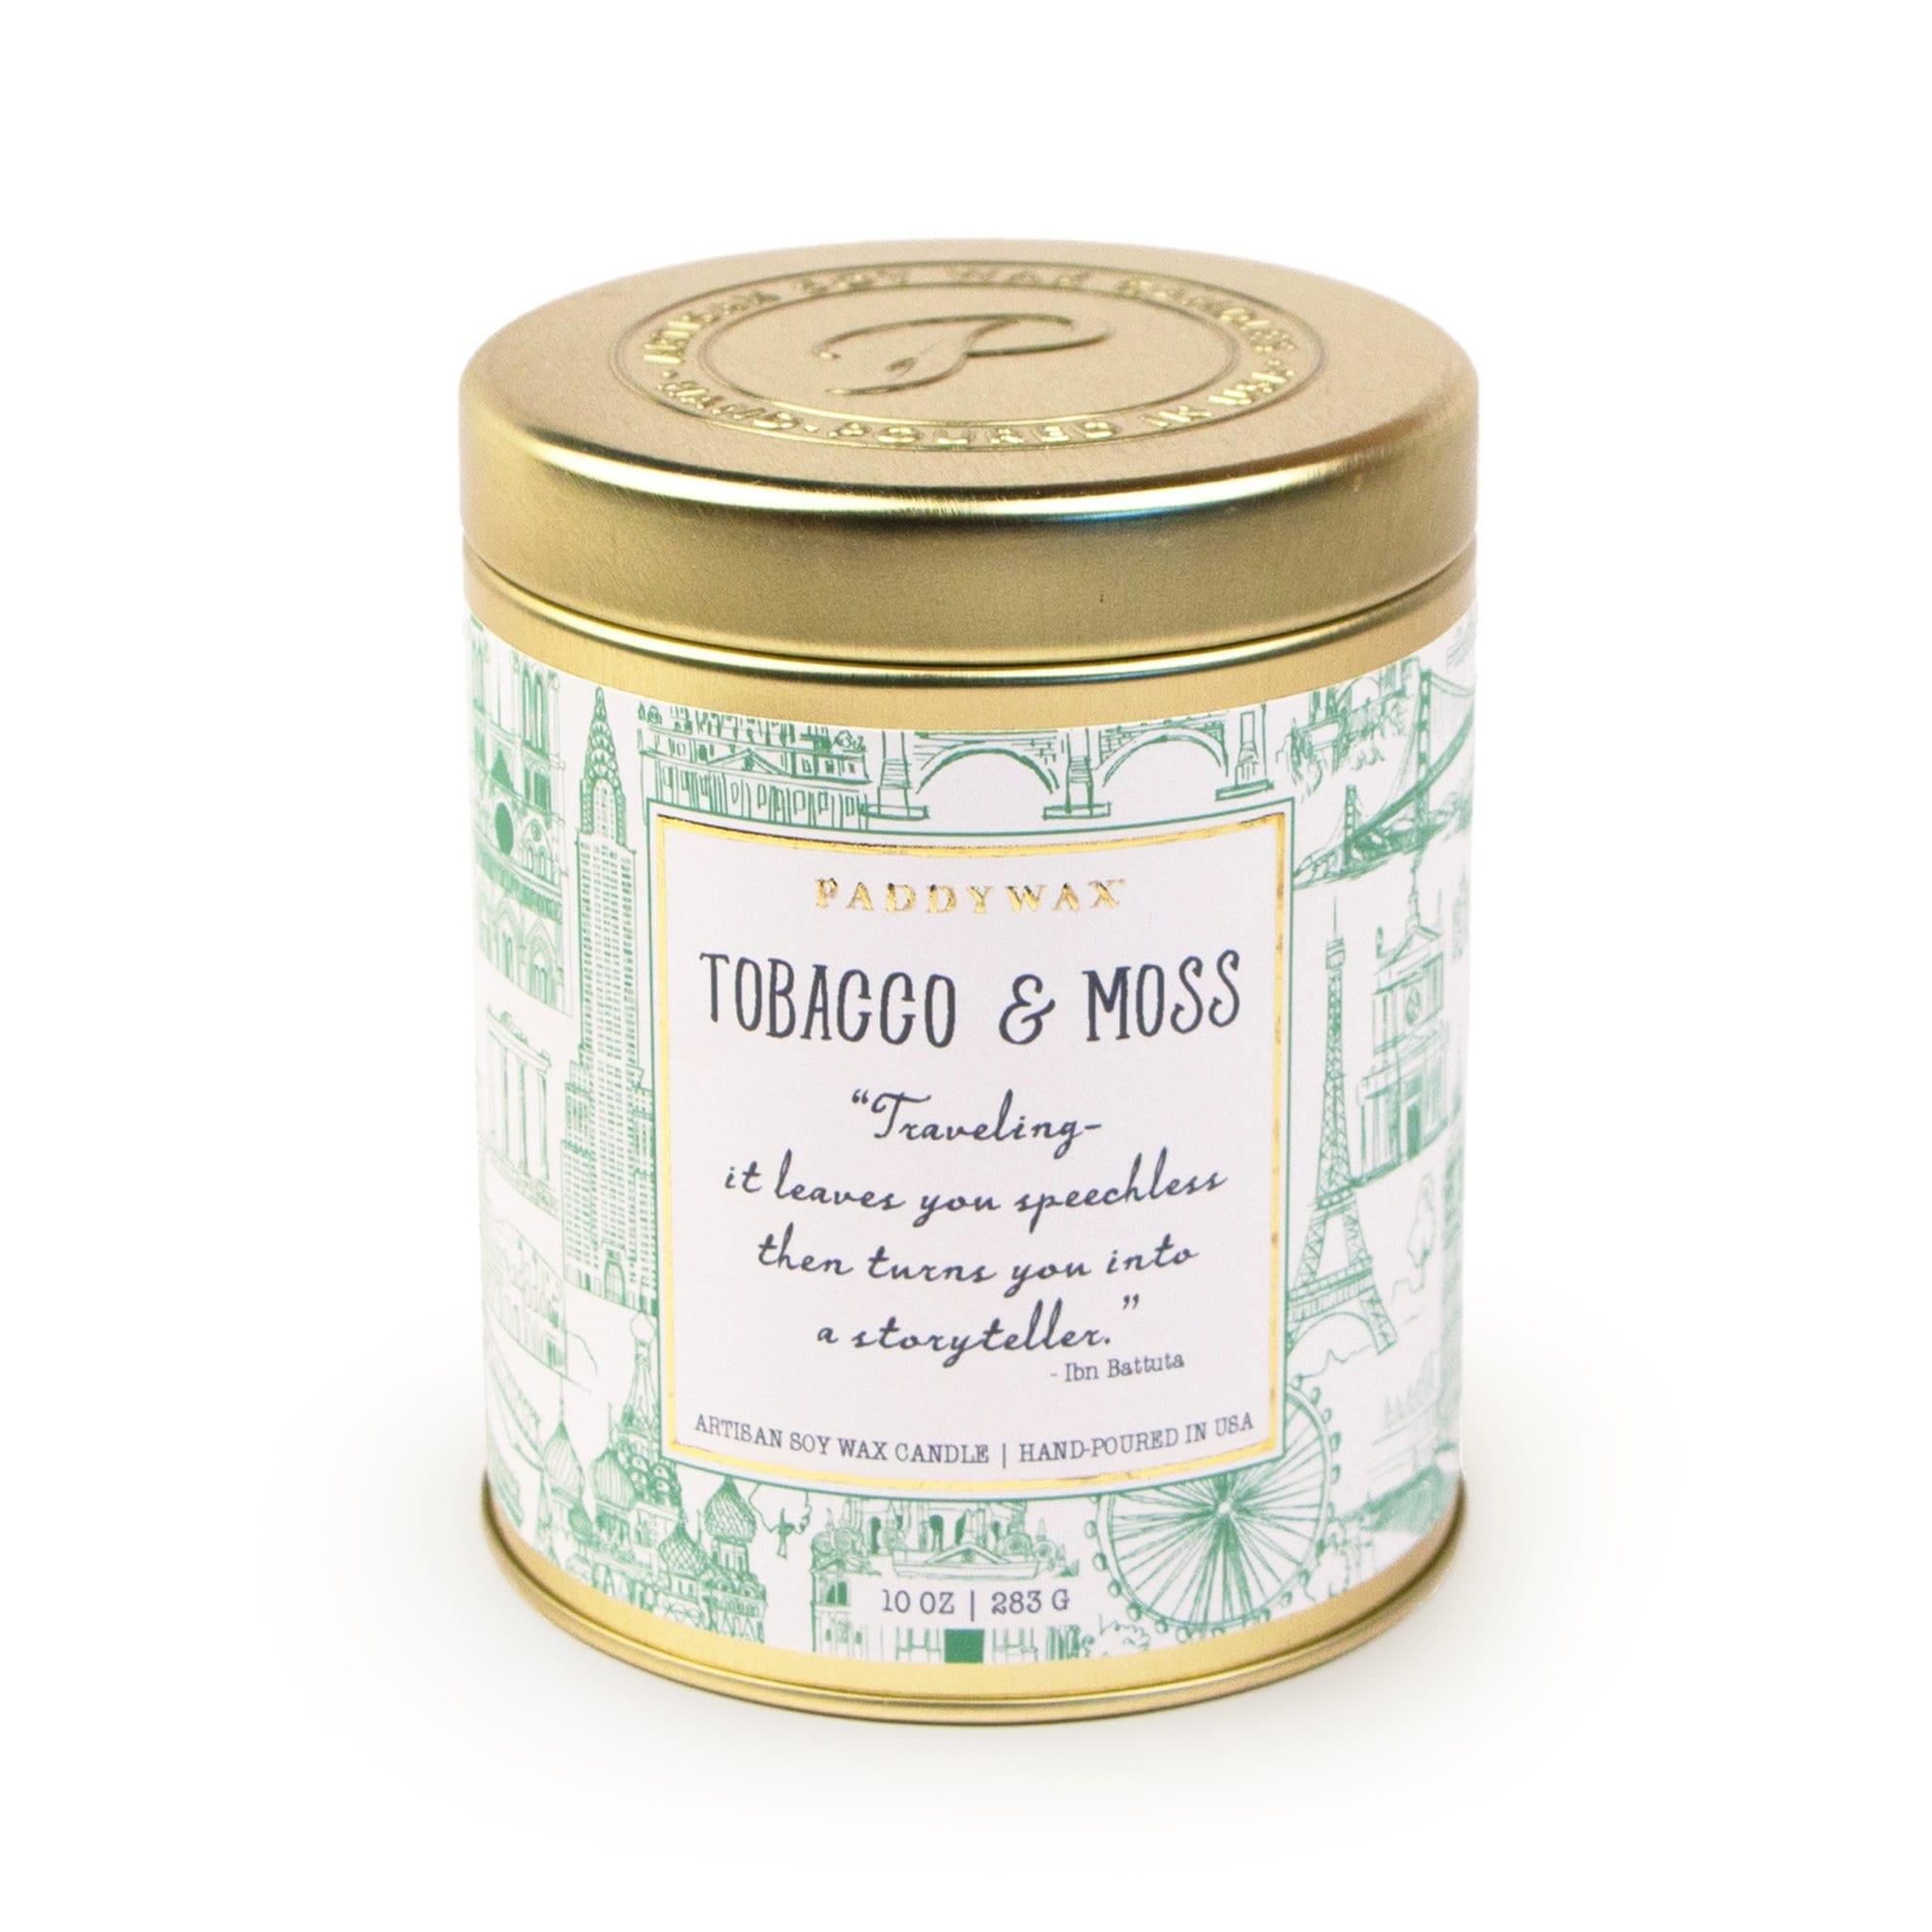 Ароматическая свеча TABACCO & MOSS от PaddyWax в интернет-магазине Candlesbox